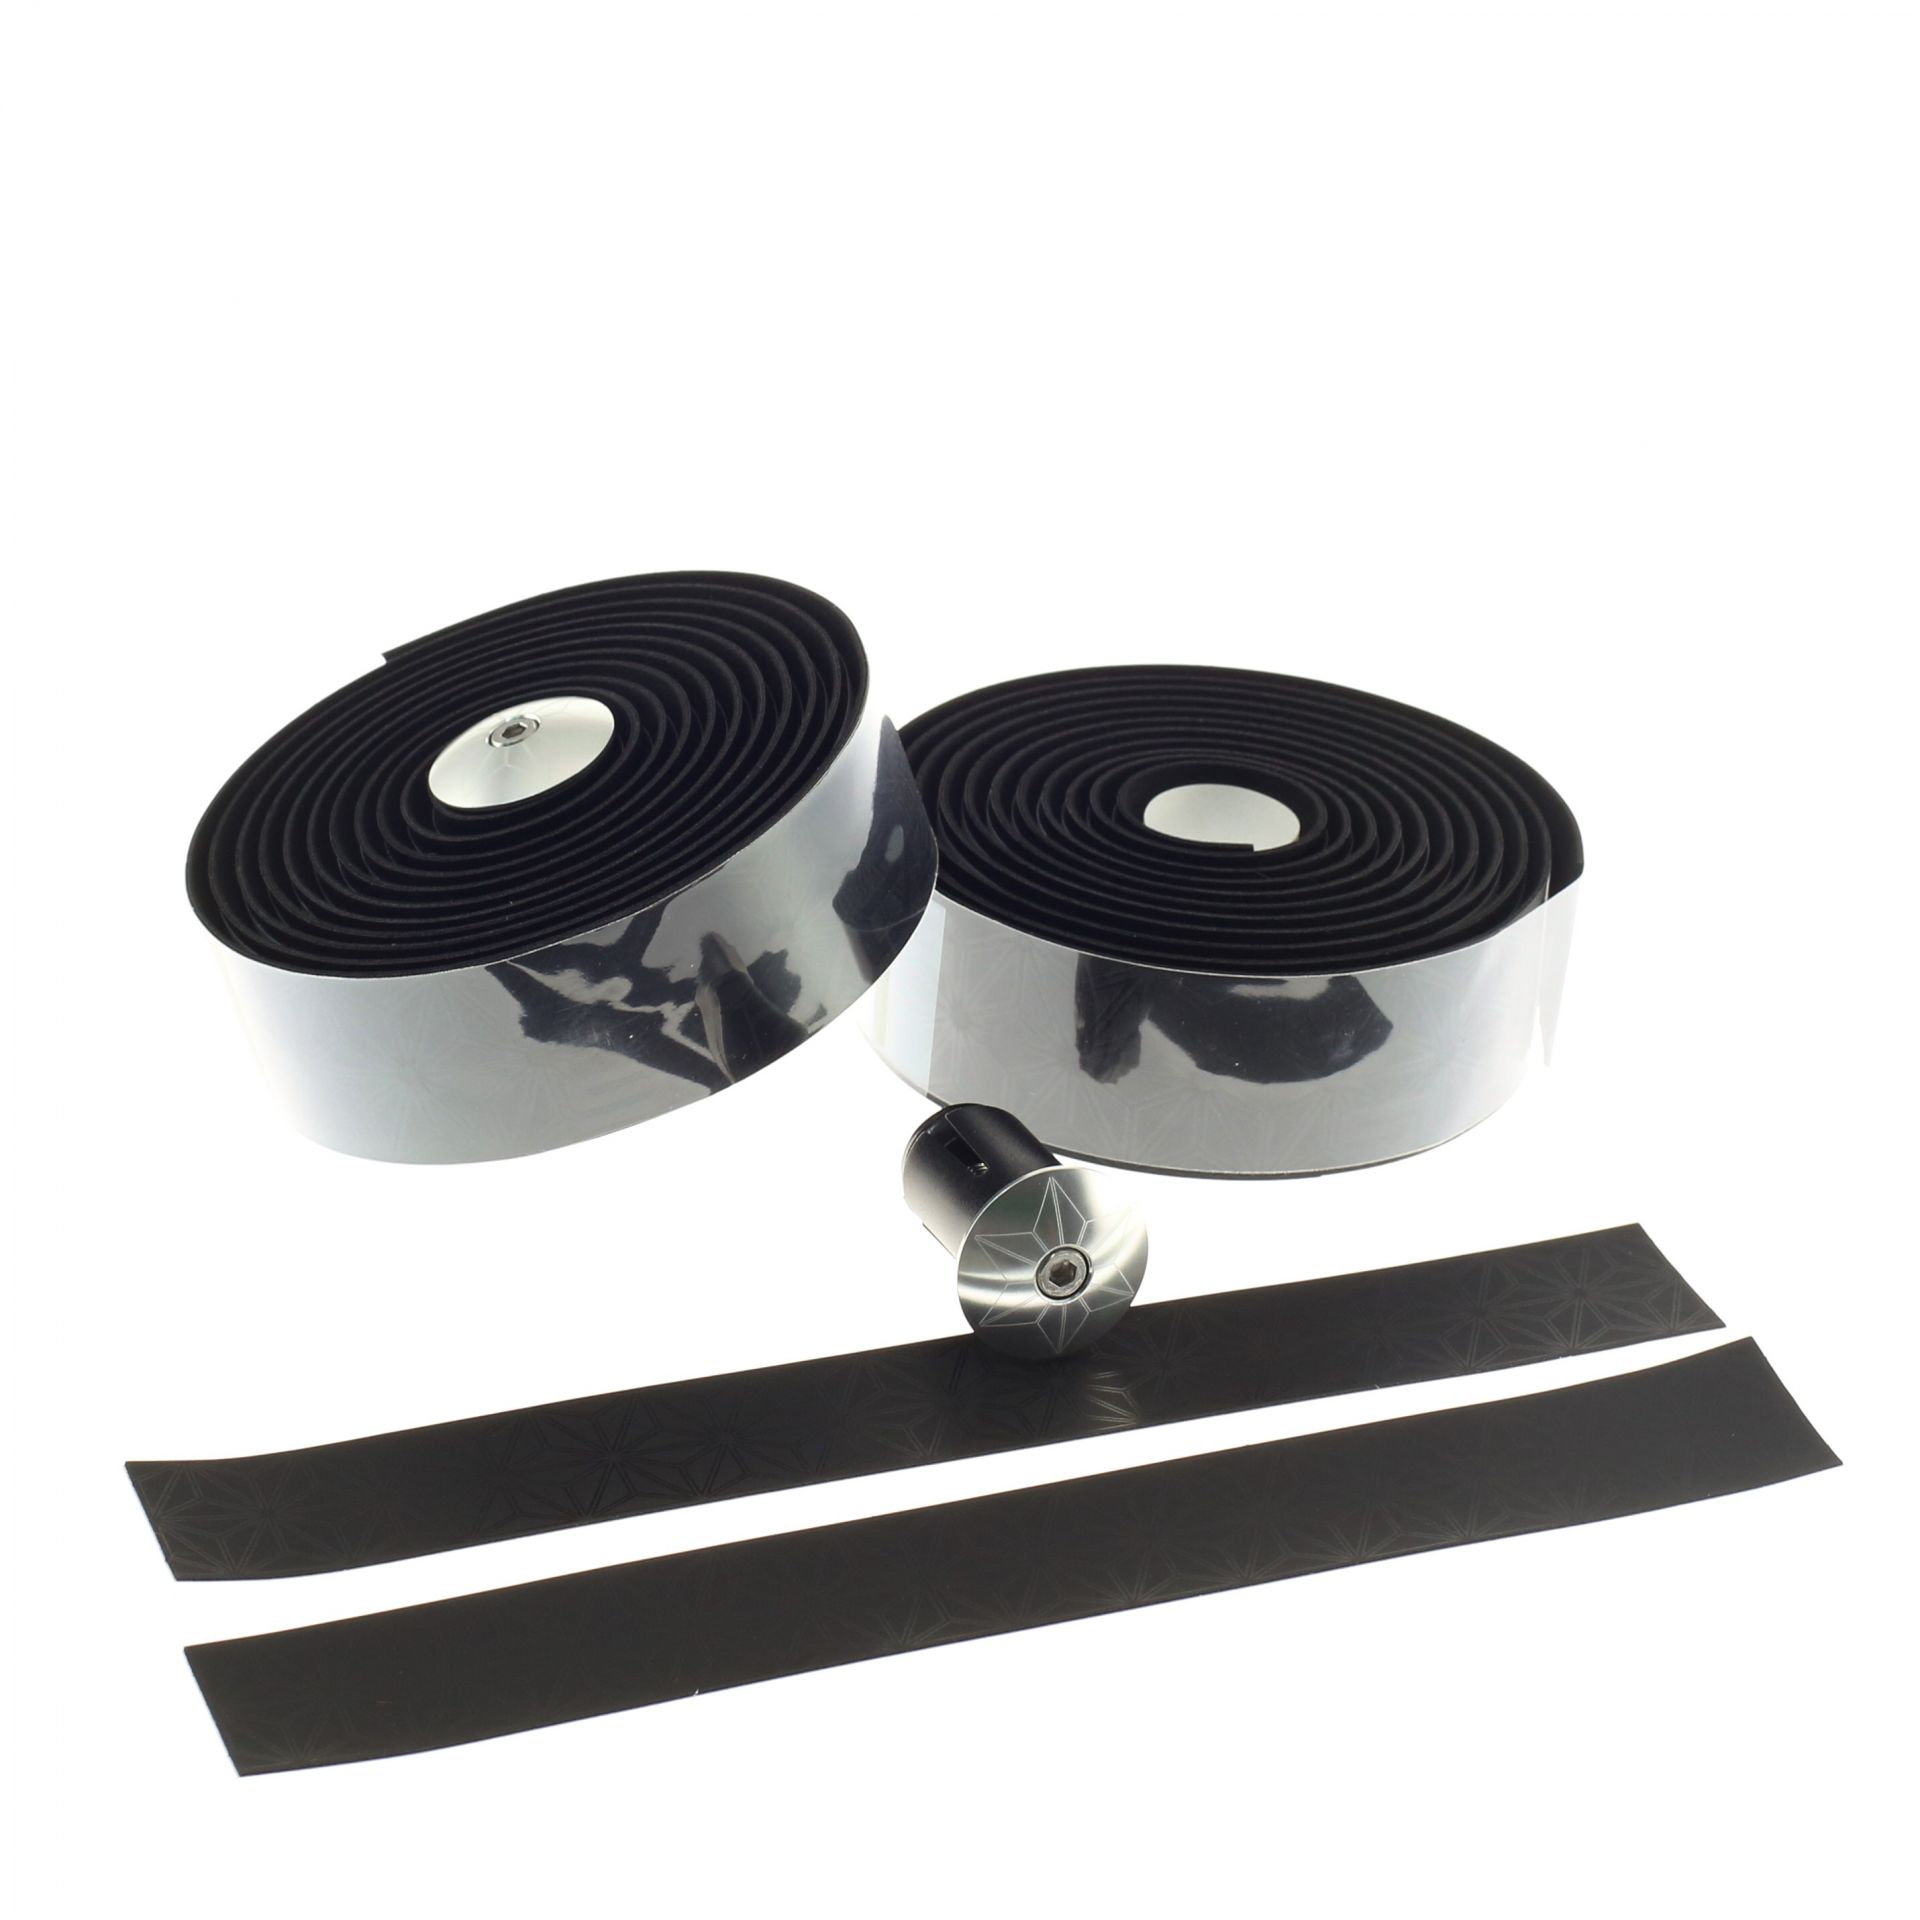 Ruban de cintre Supacaz Super Sticky Kush Tape Noir/Bouchons Argent